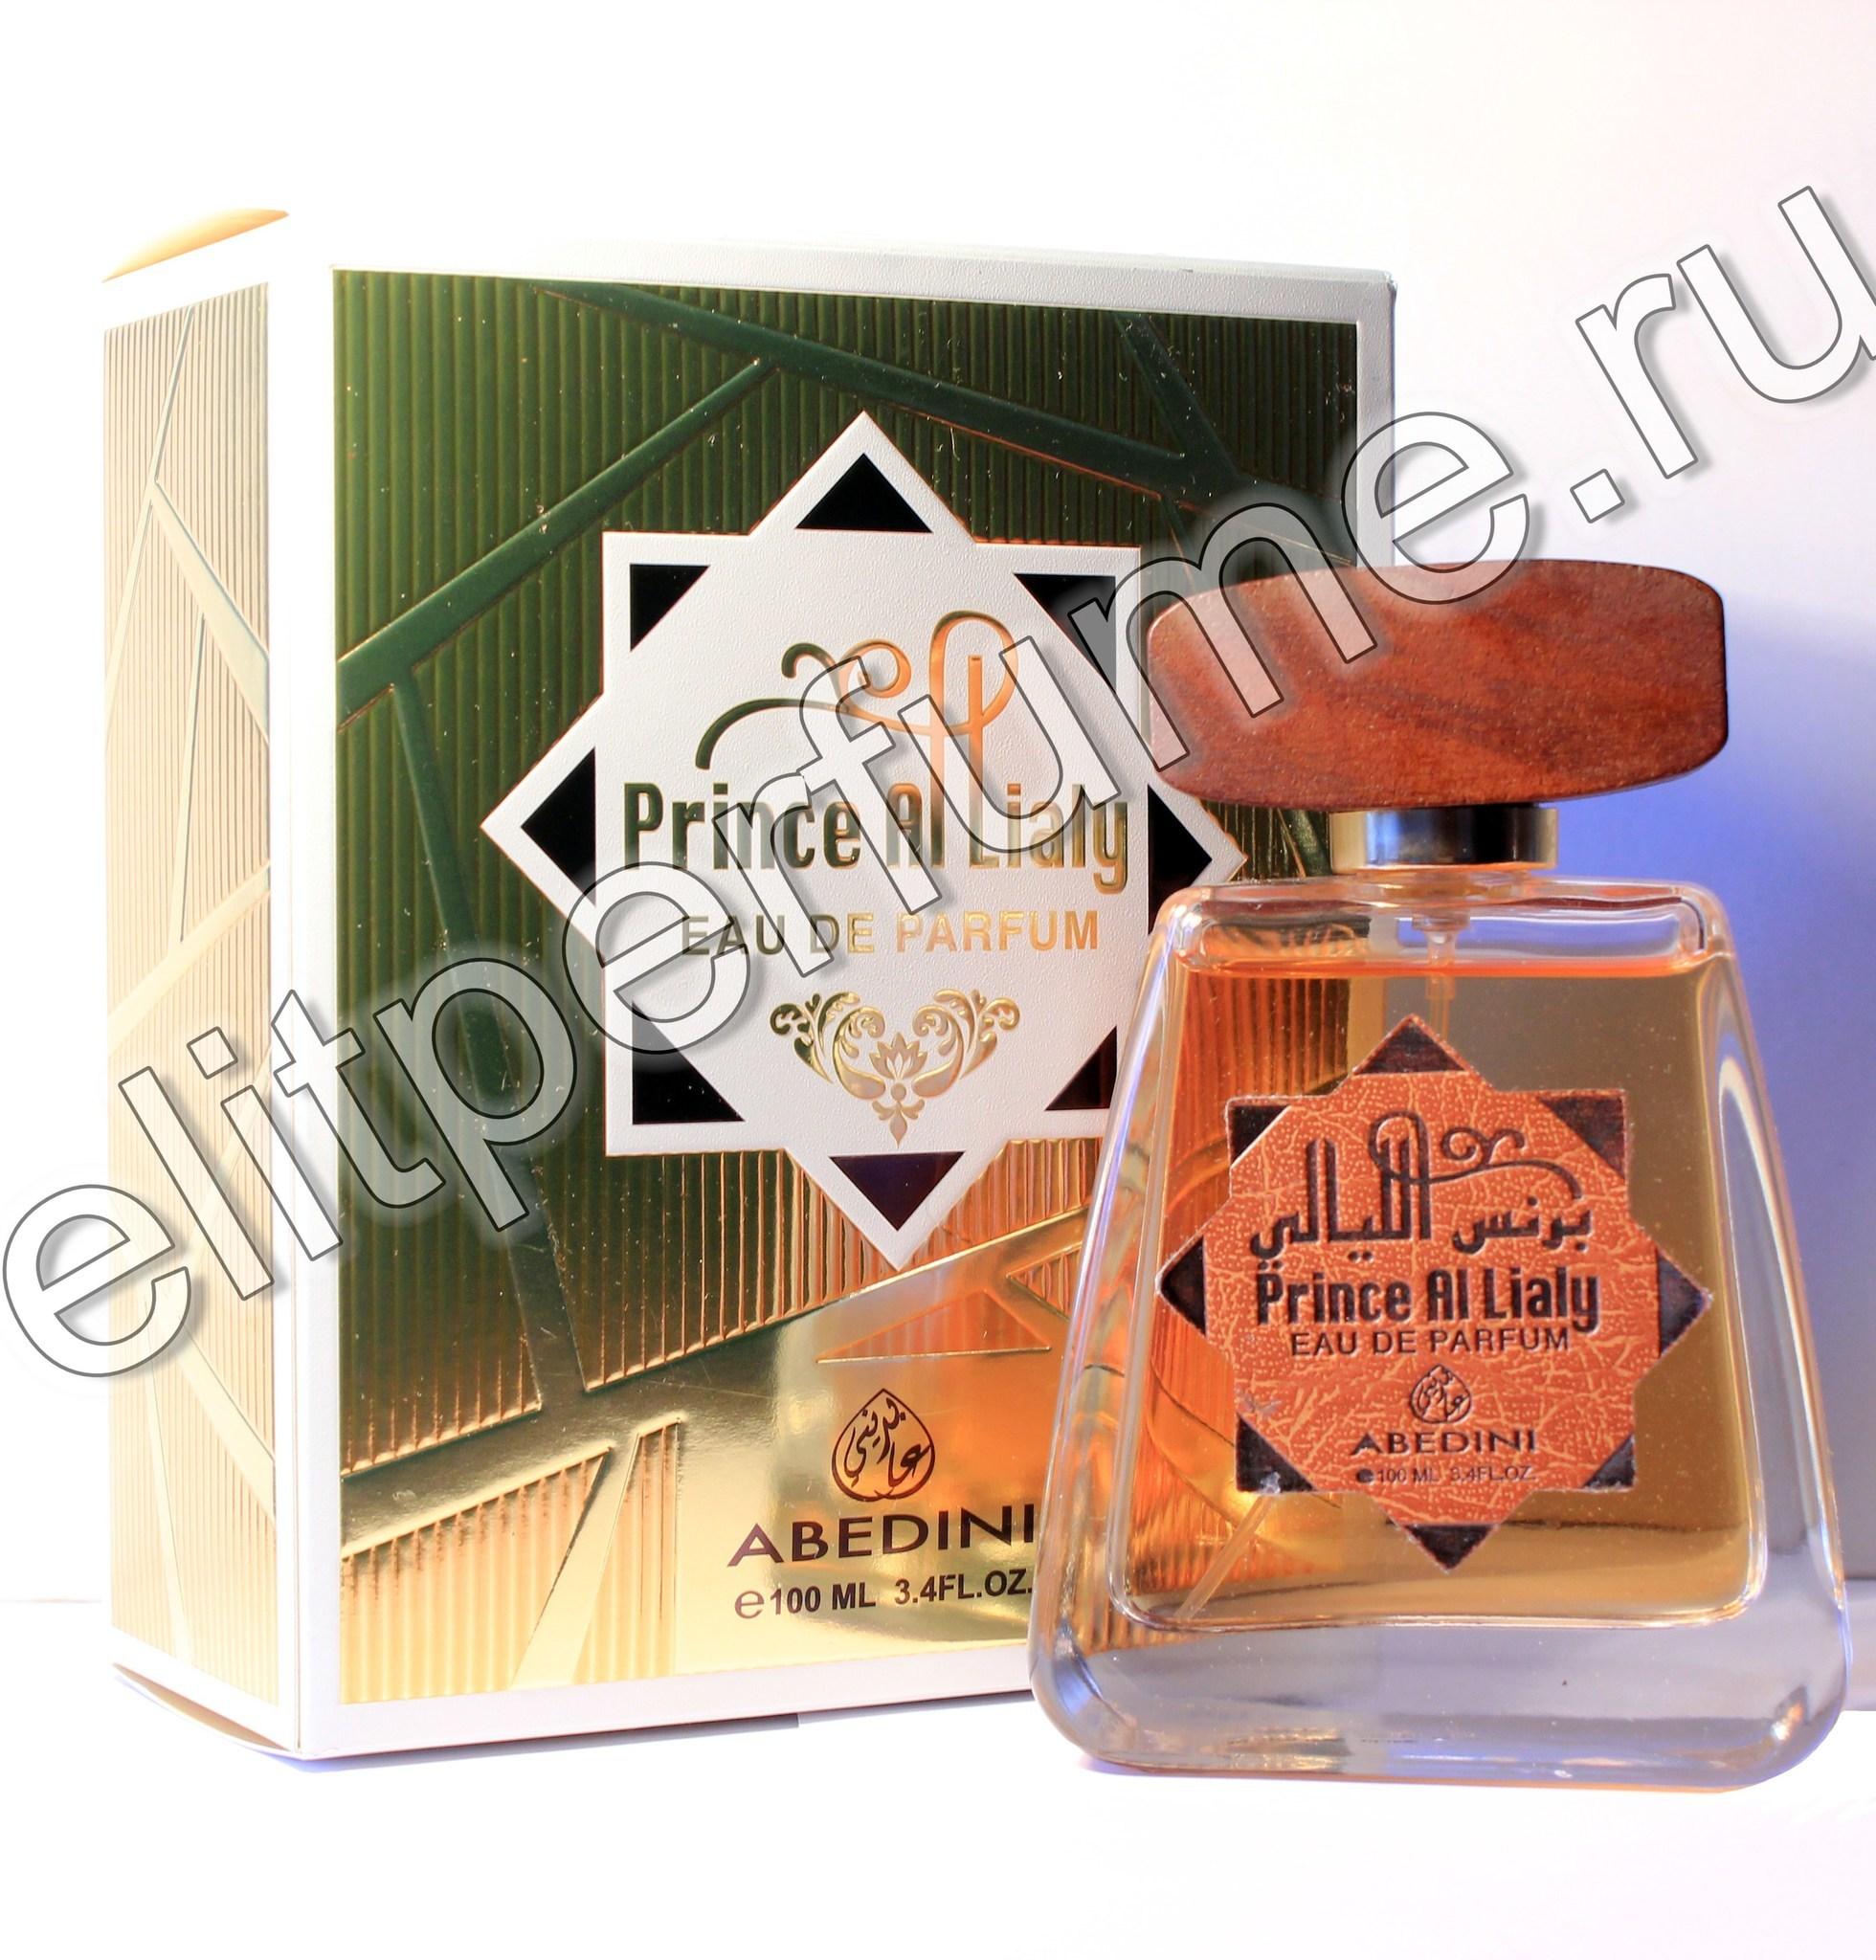 Пробник для Prince Al Layaly / Принц Аль Лаяли 1 мл спрей от Халис Khalis Perfumes